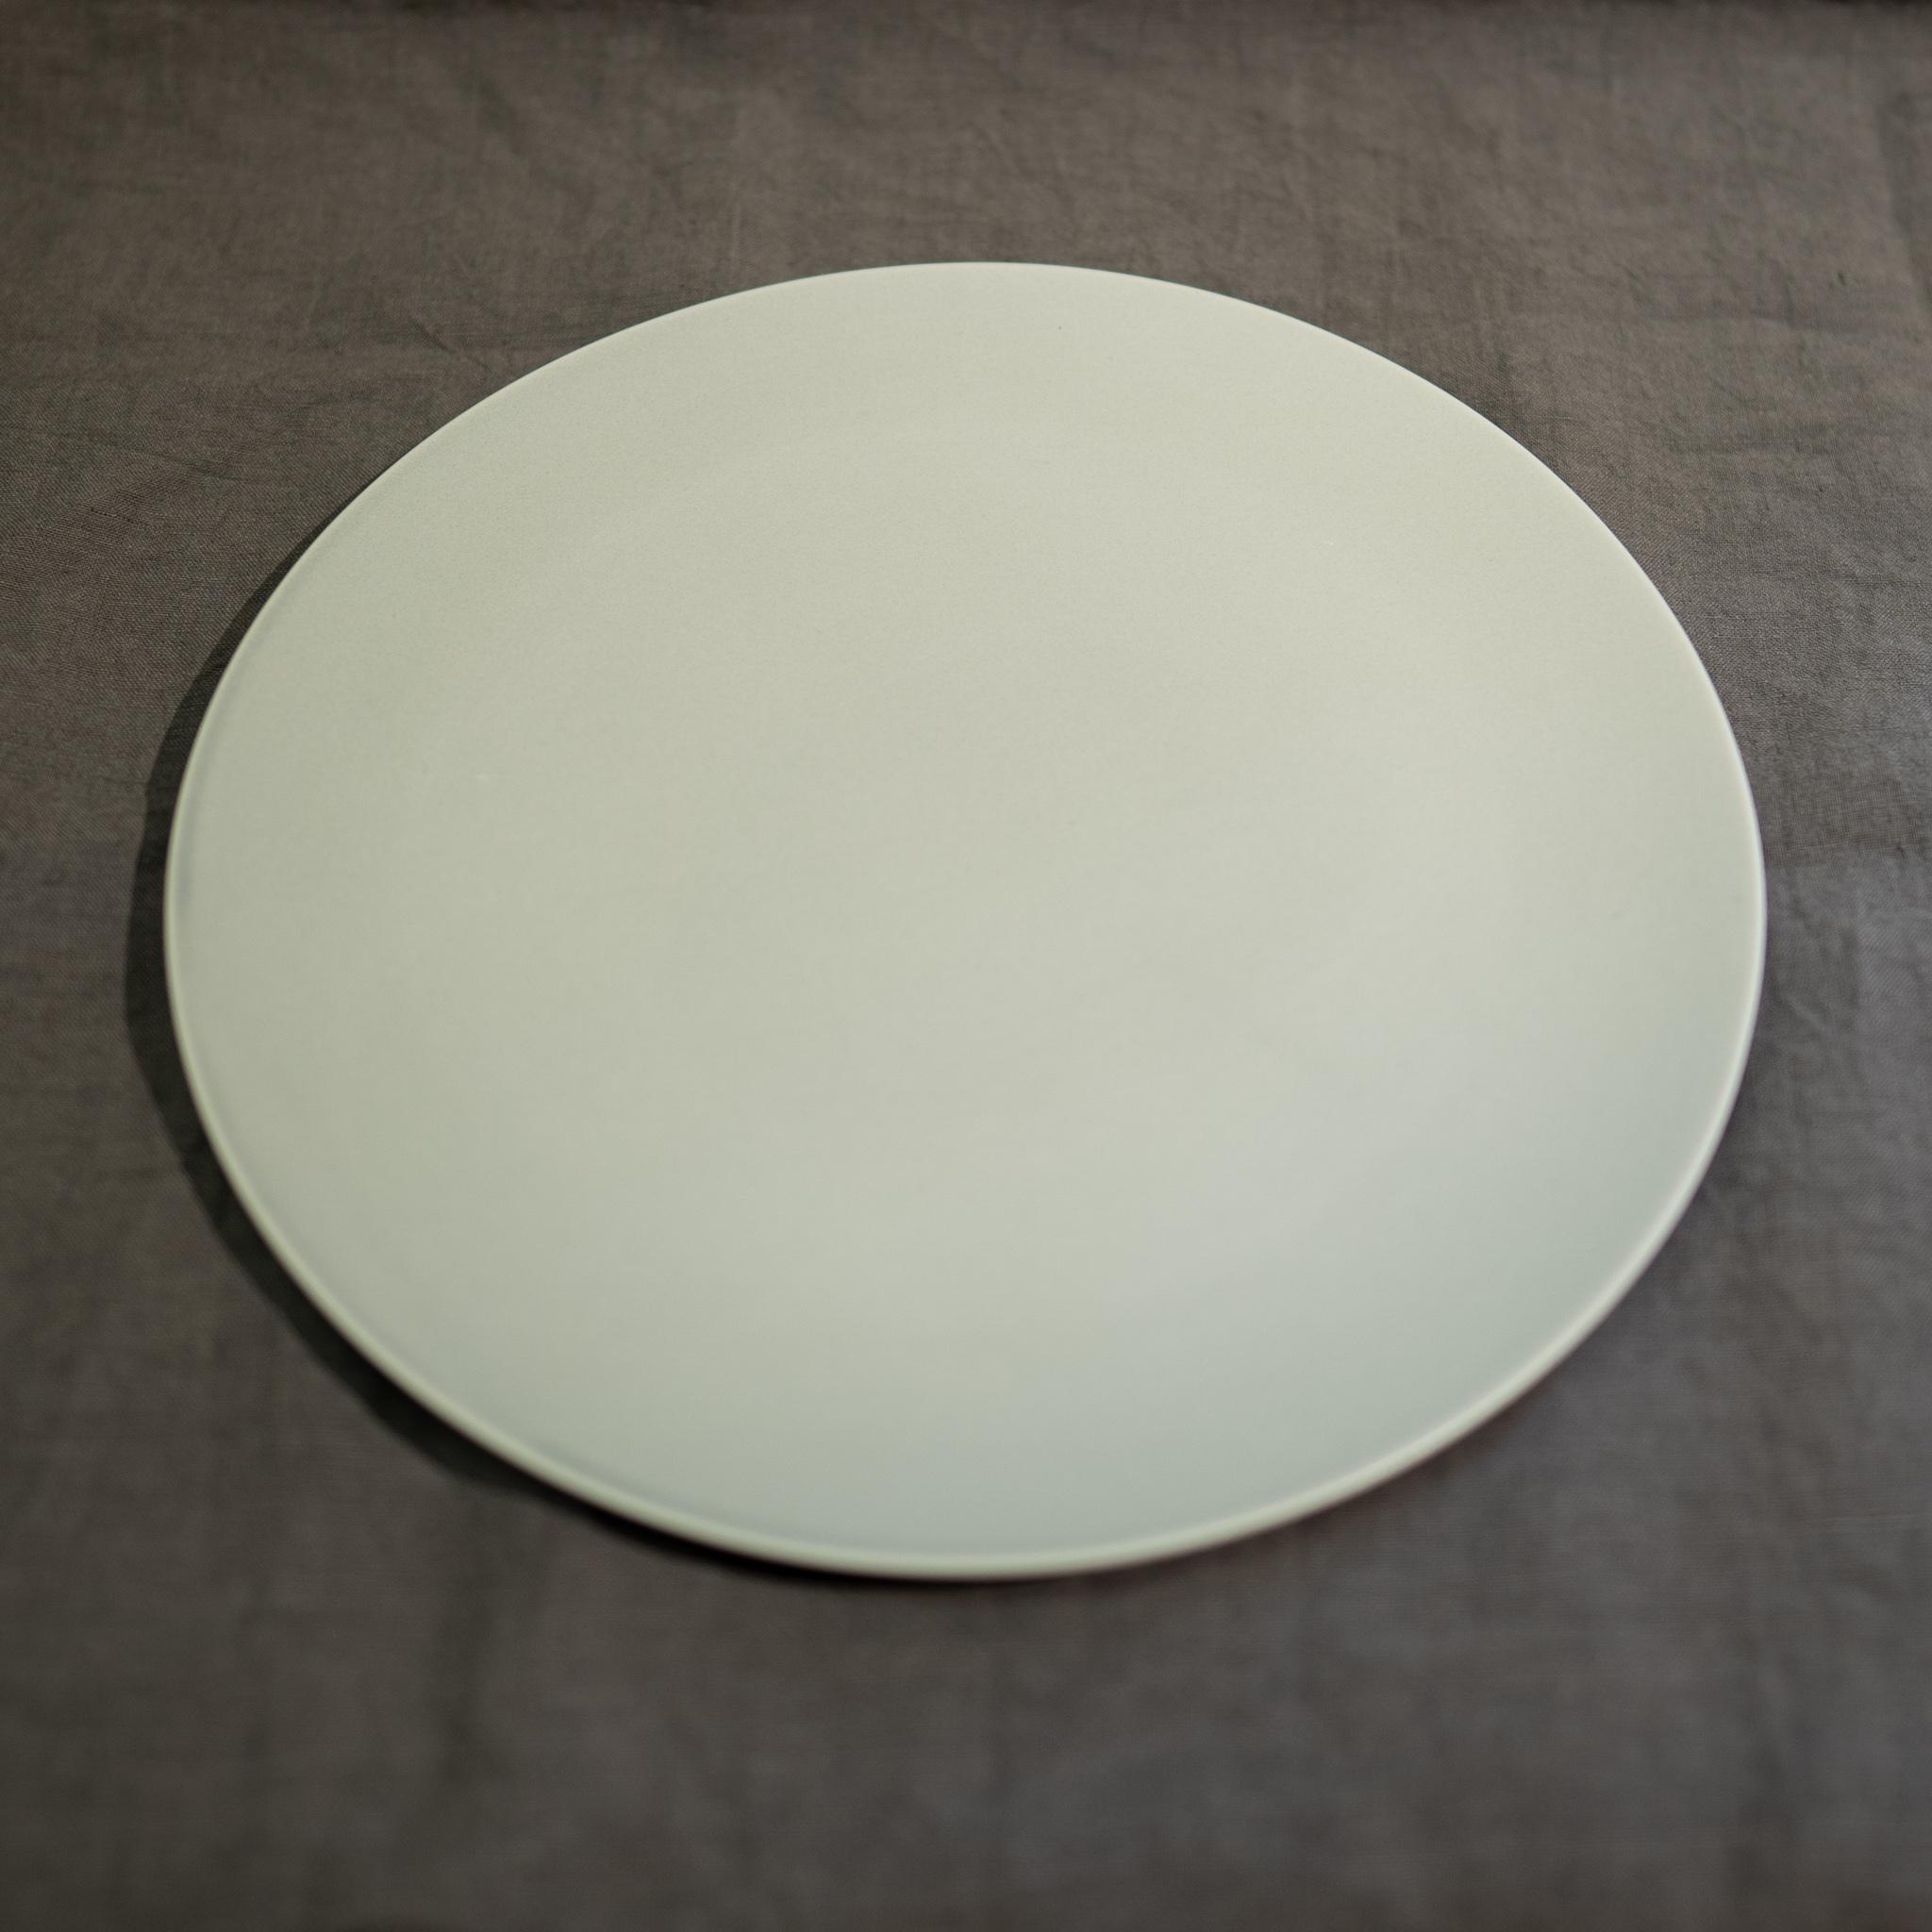 Stone プレート リッチホワイト 18cm